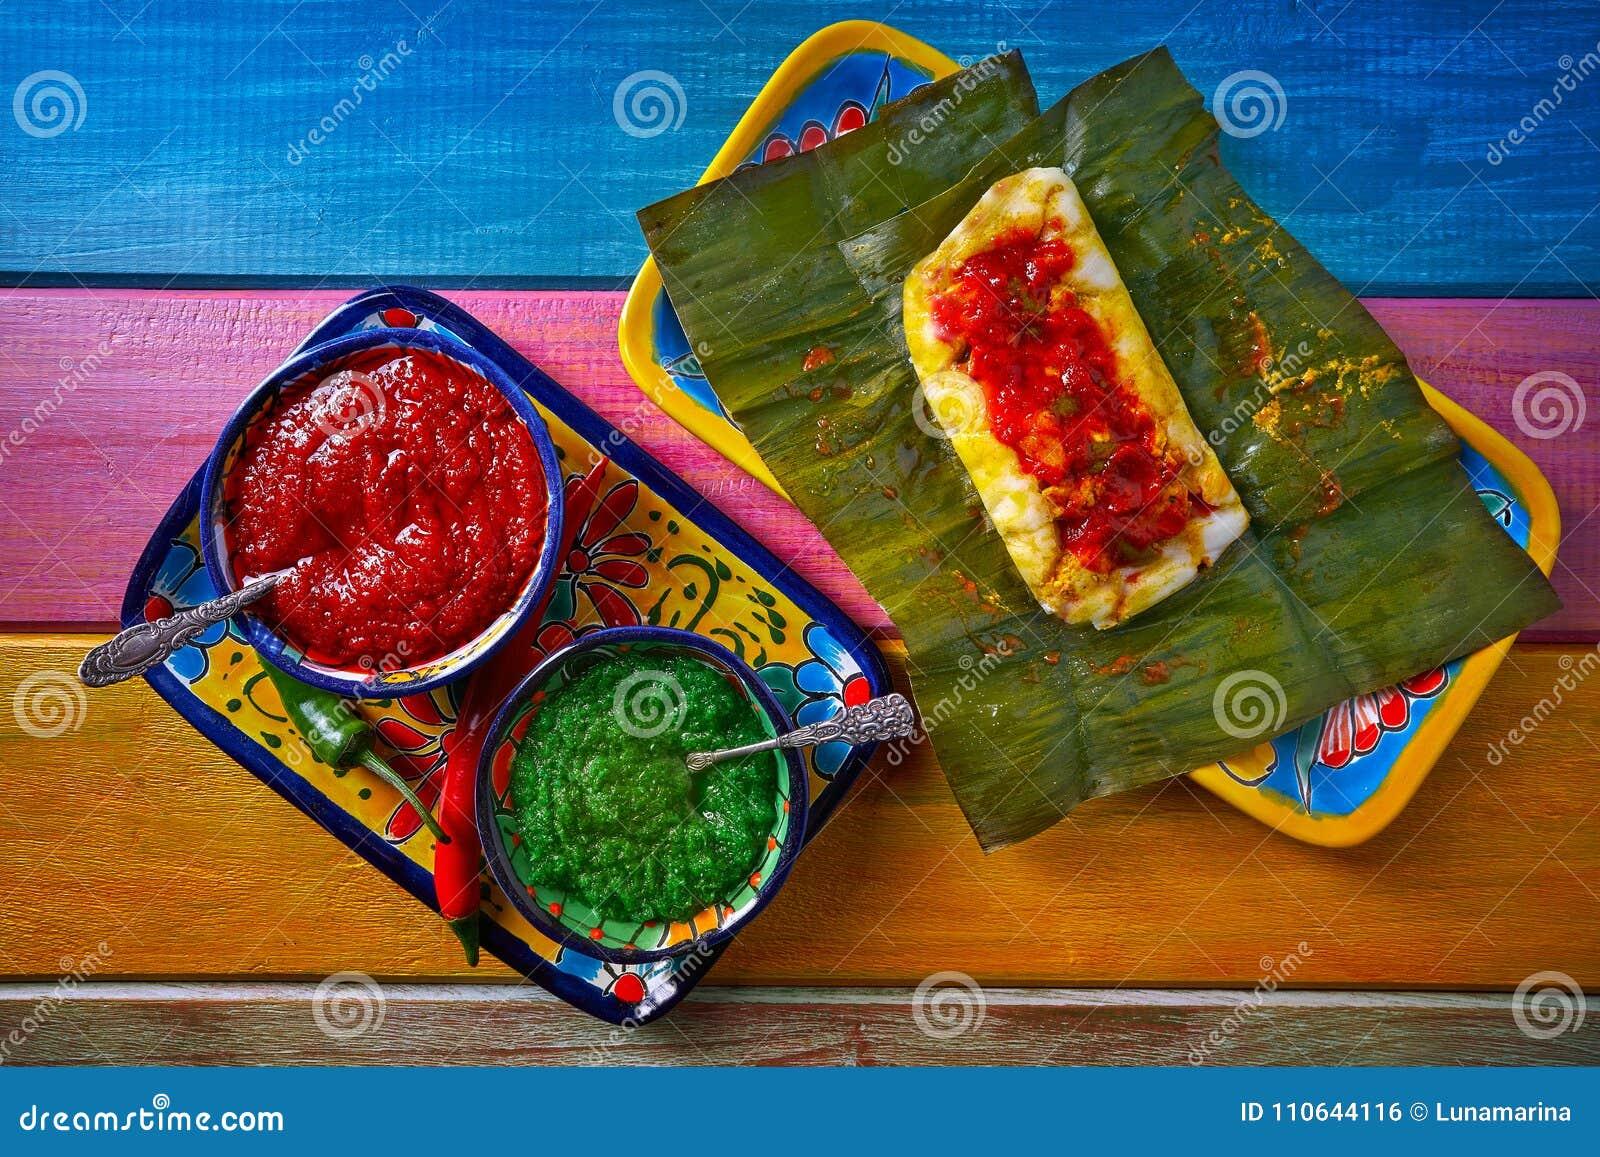 Рецепт тамале мексиканский с листьями банана